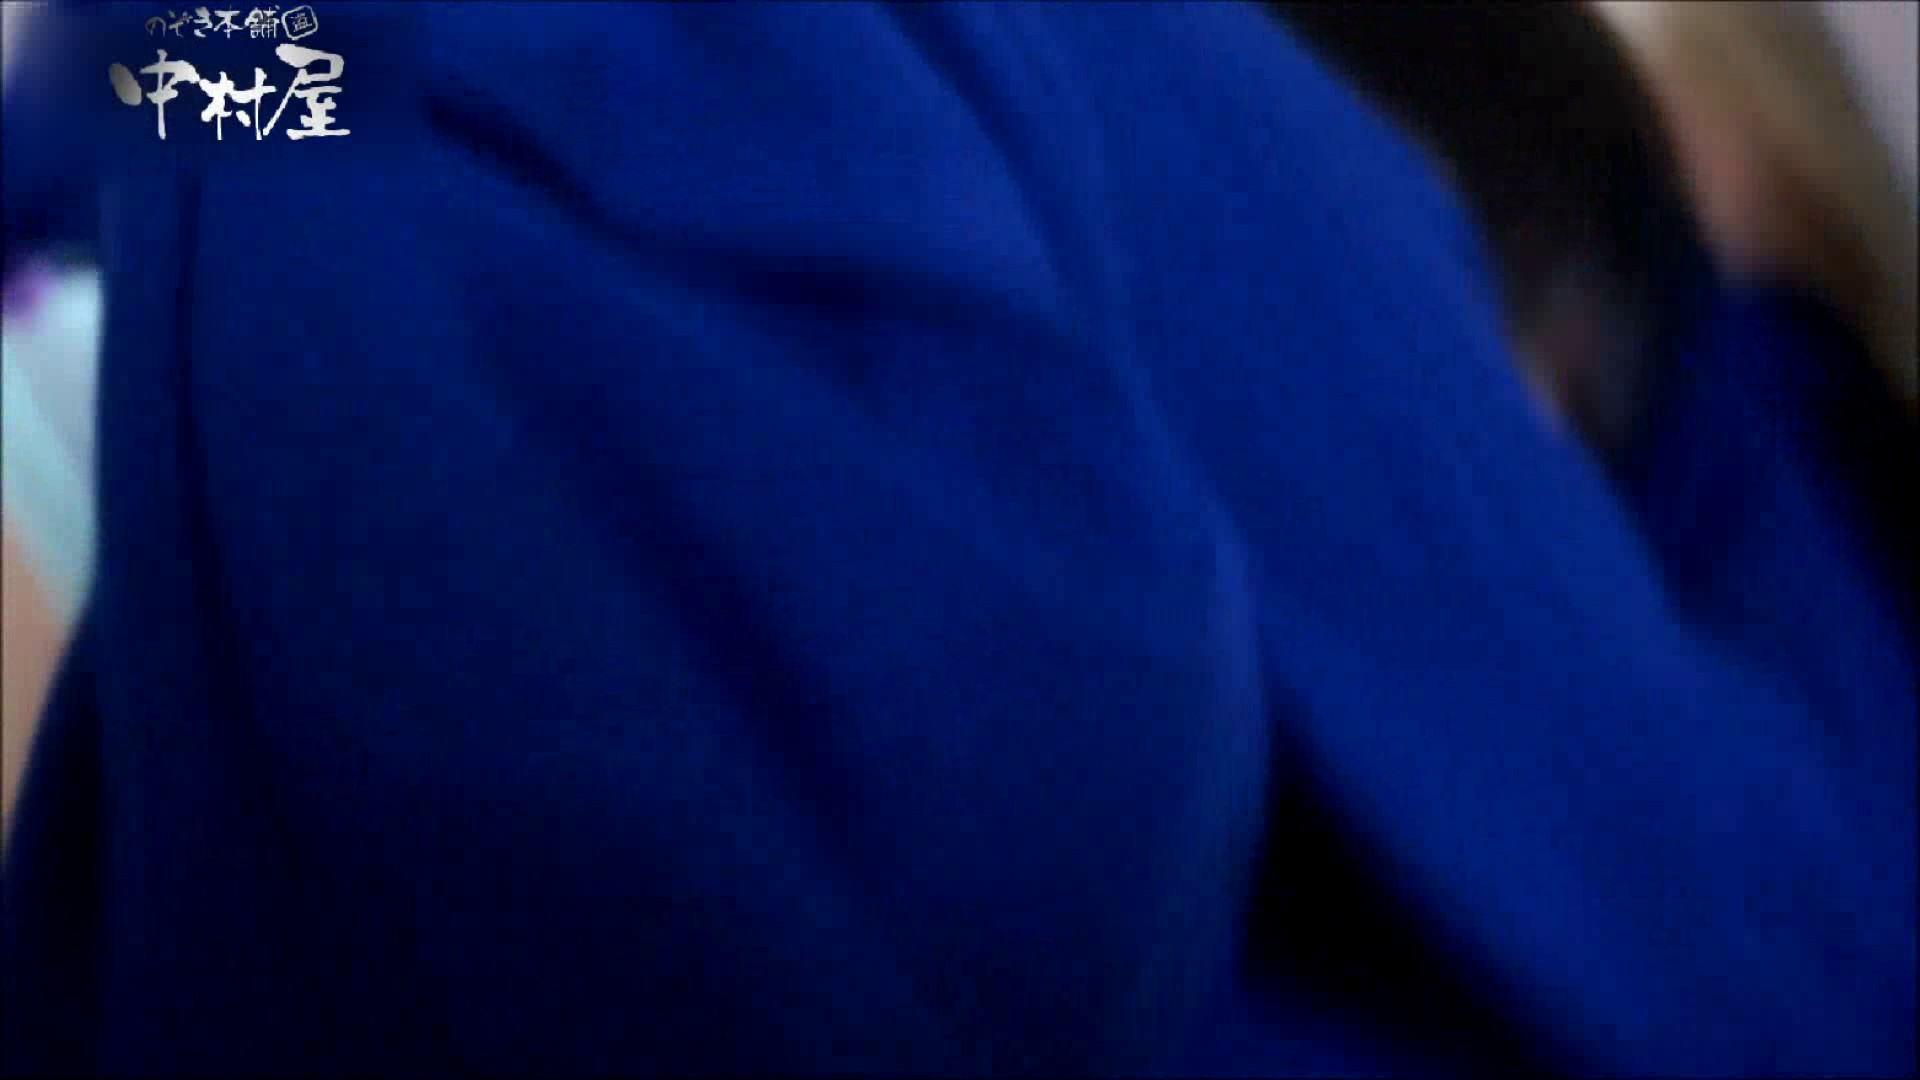 二人とも育てた甲斐がありました…vol.76【小春】レイカが目民る横で、、、親友の小春ちゃんをちょめちょめして。 美しいOLの裸体  95pic 82